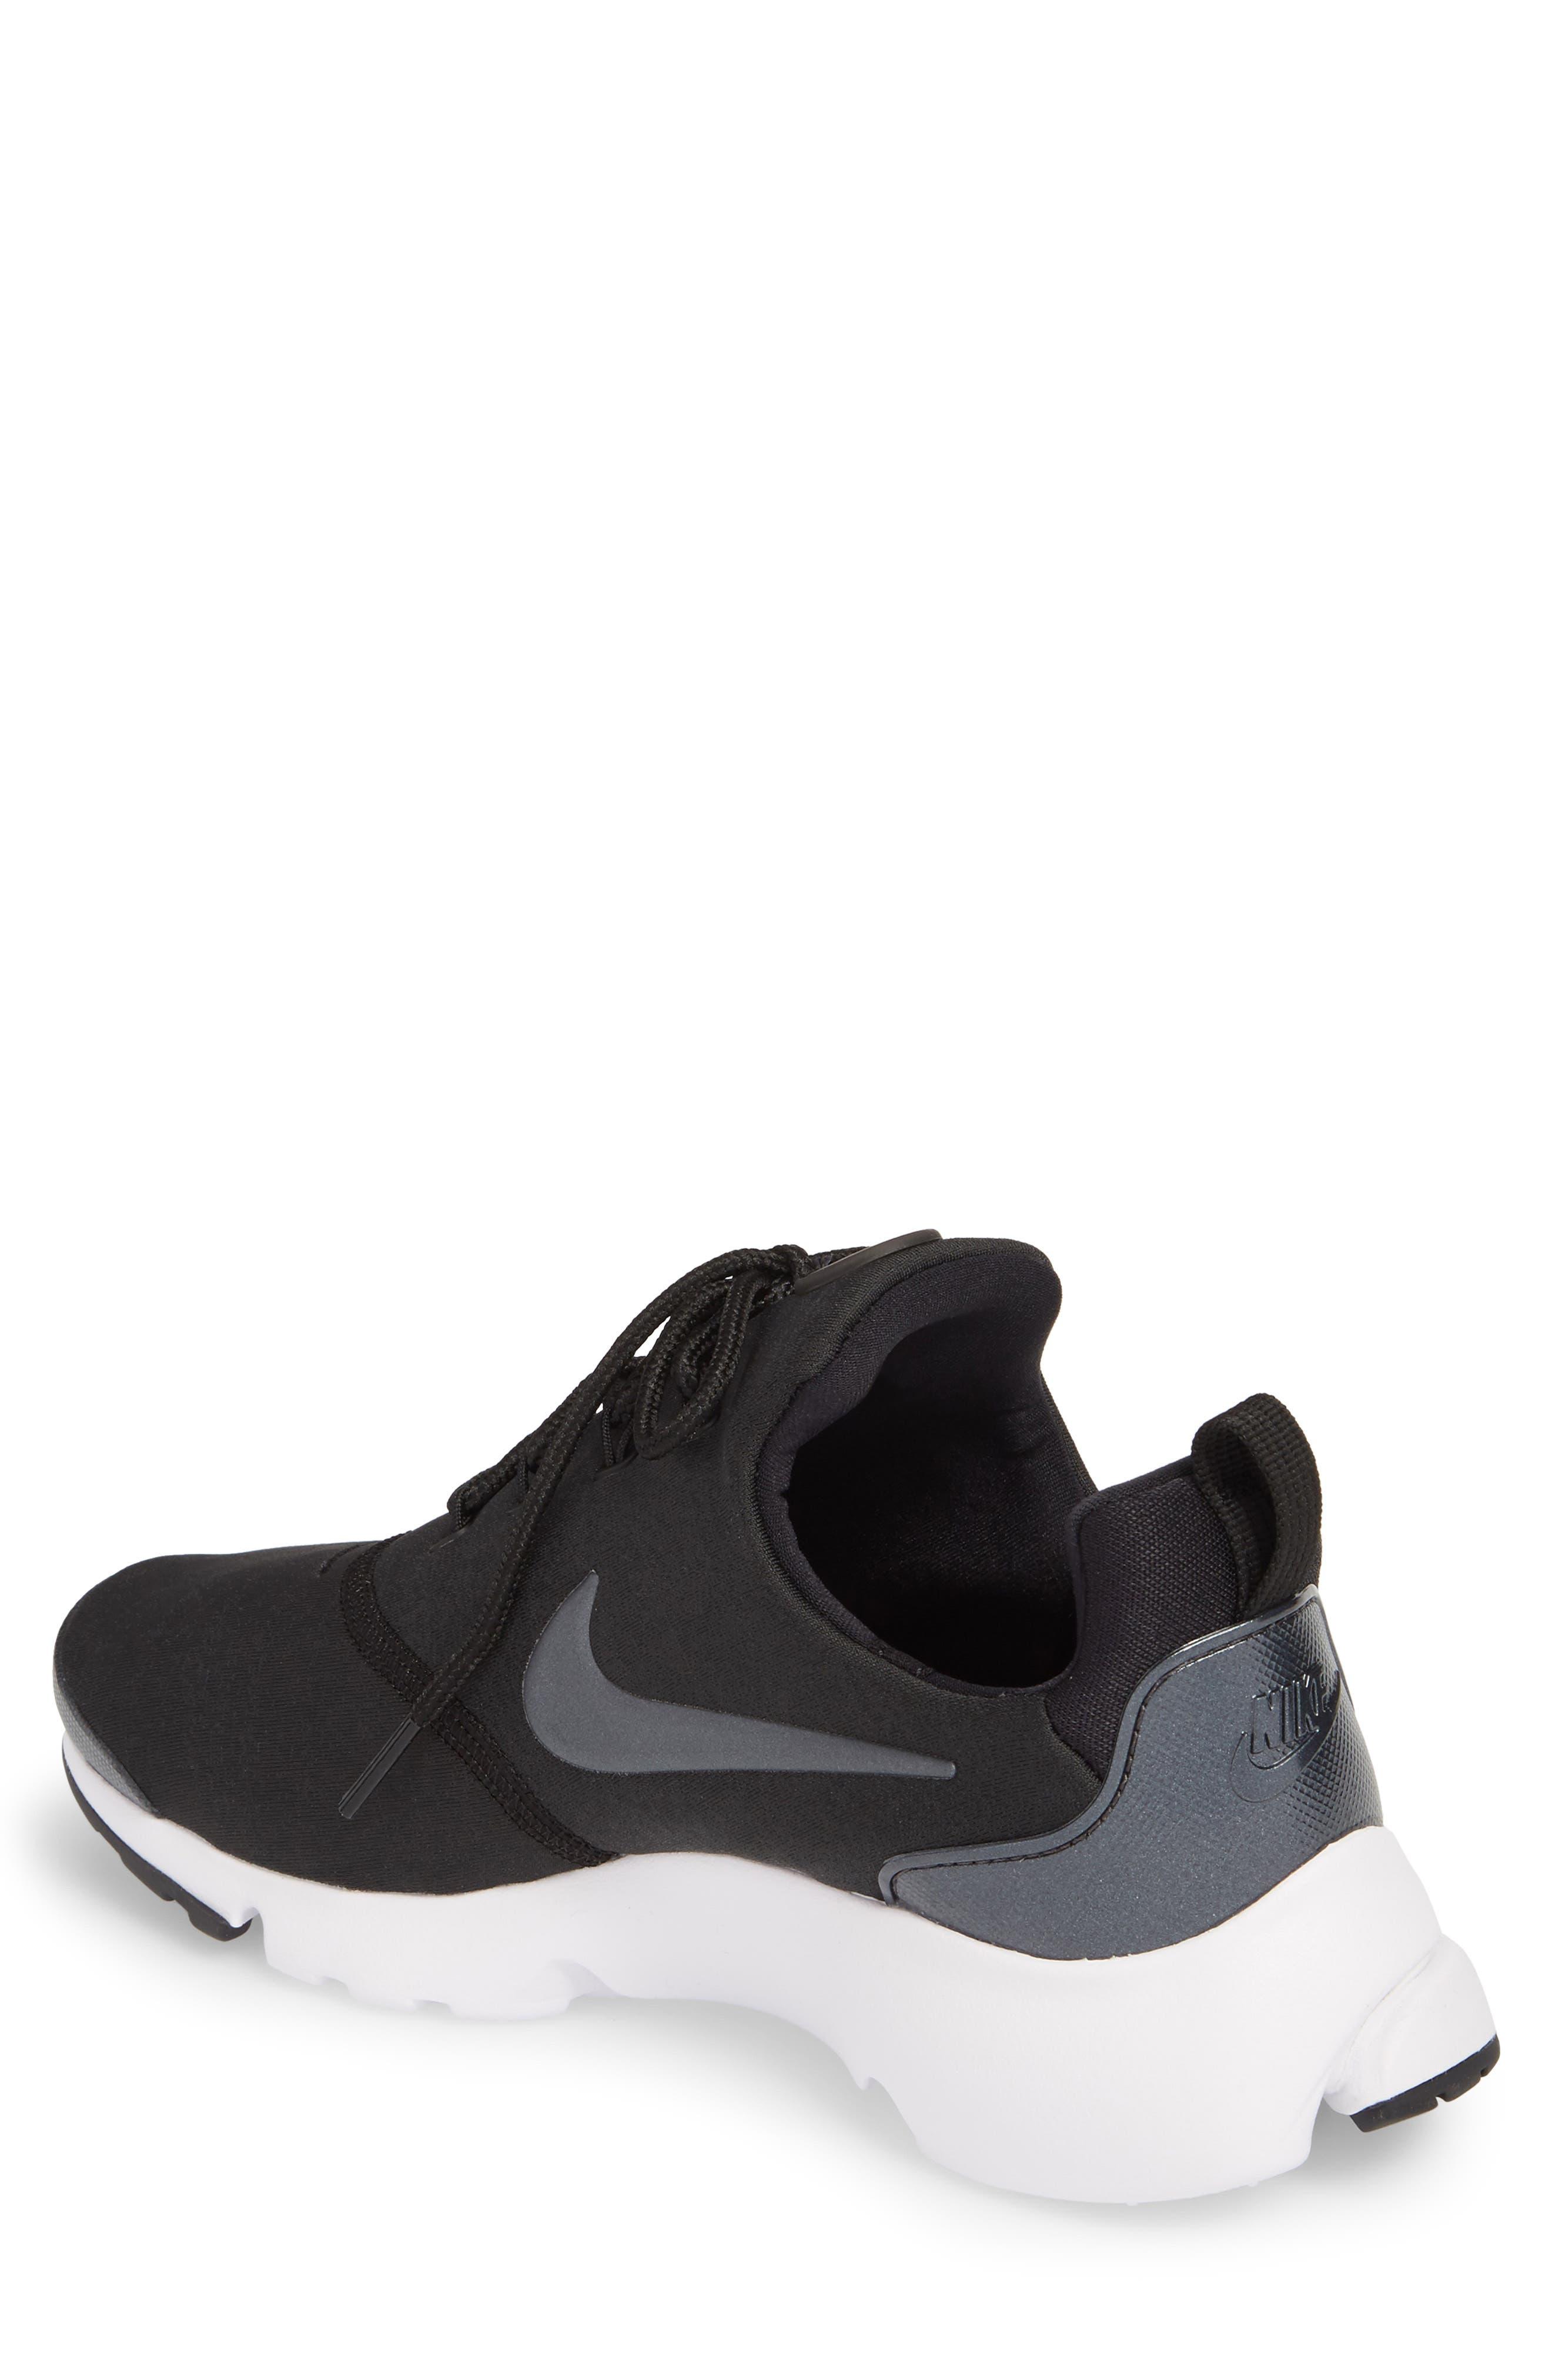 Presto Ultra SE Sneaker,                             Alternate thumbnail 2, color,                             Black/ Grey/ White